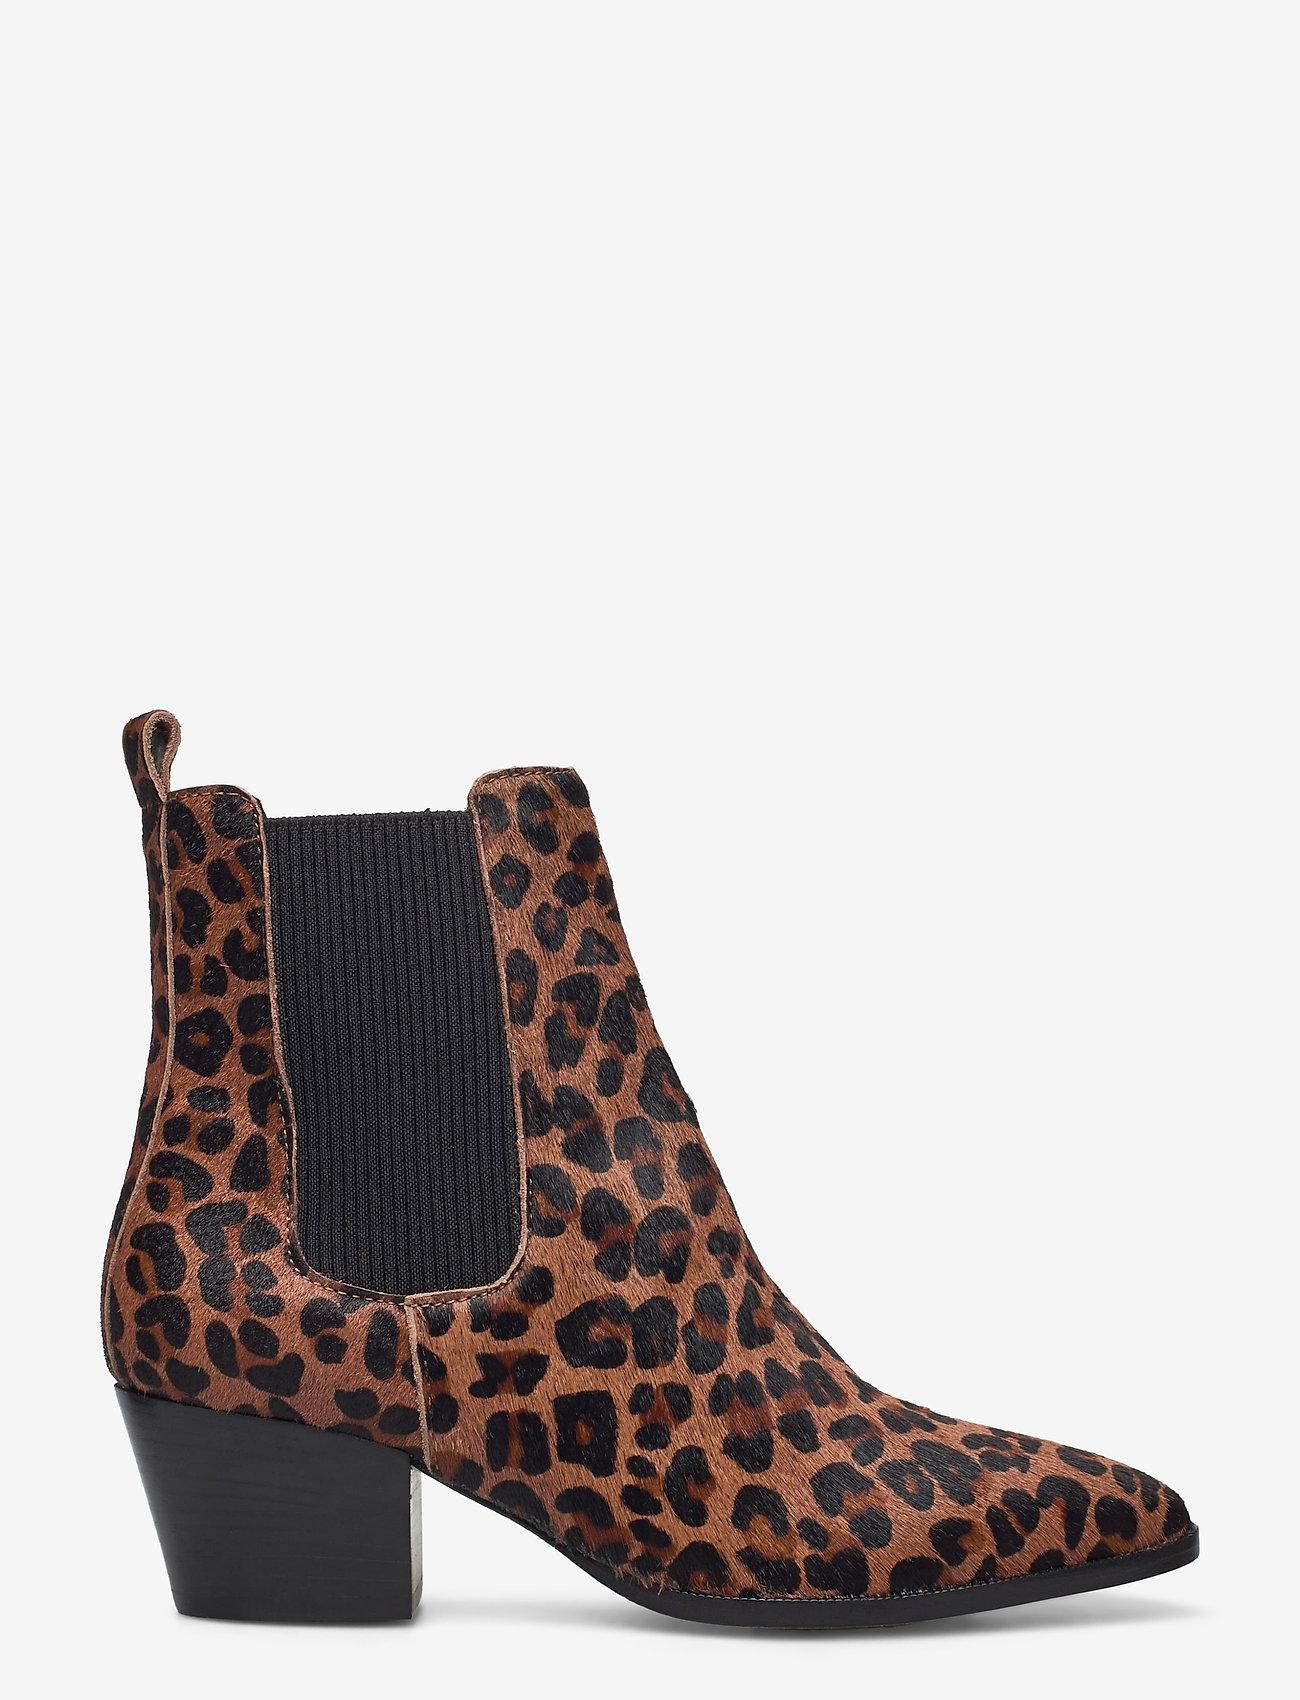 ANGULUS - Booties - Block heel - with elas - ankelstøvler med hæl - 1110/019 leopard/elastic - 1